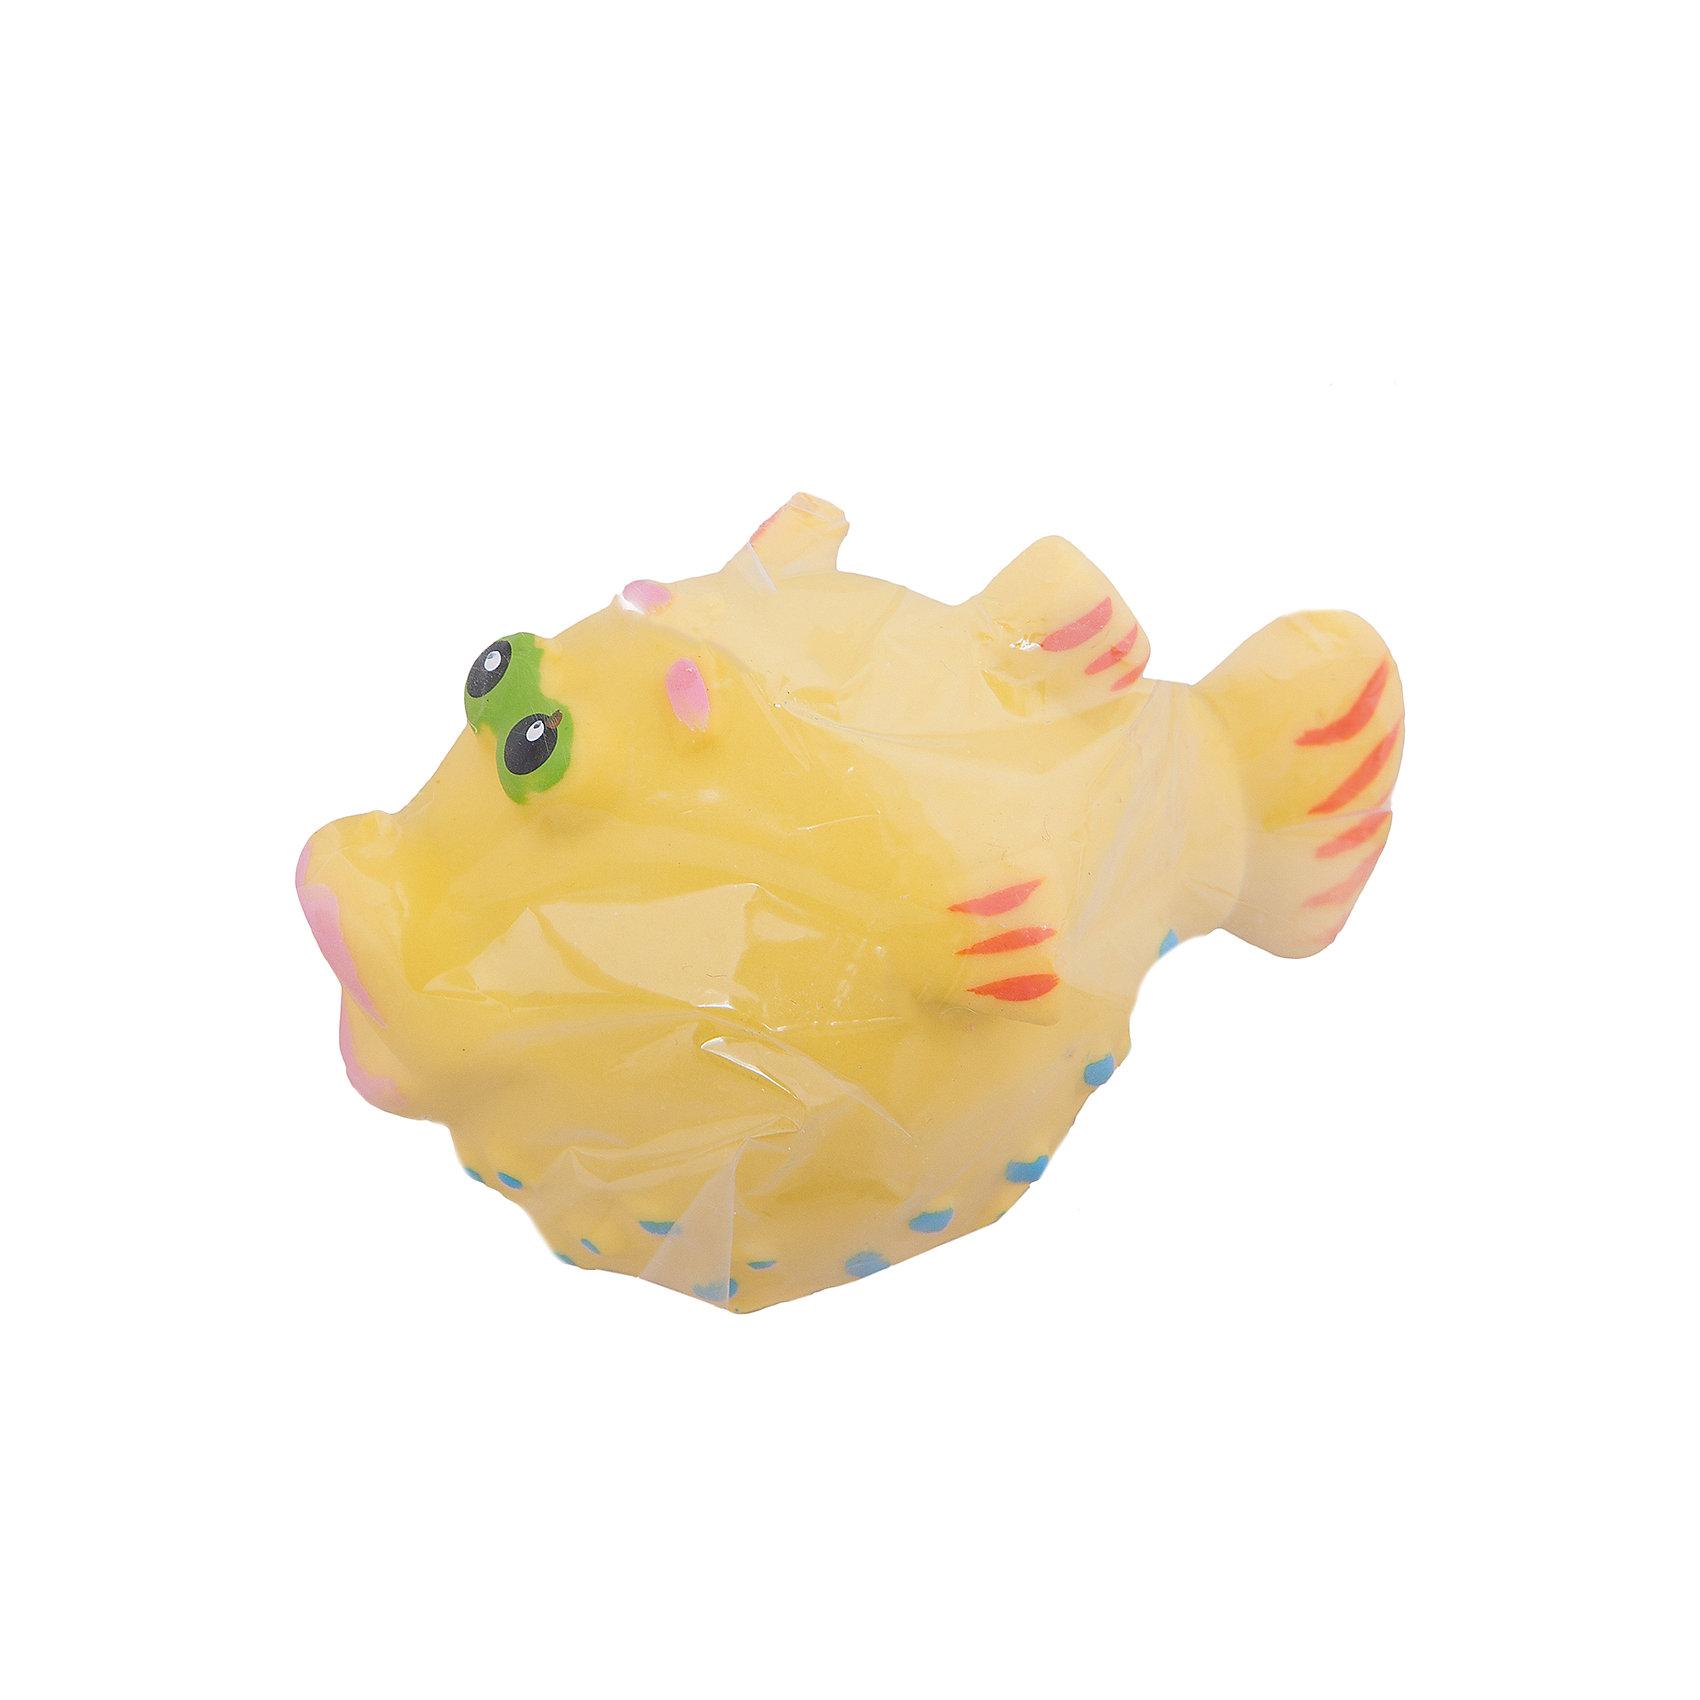 Рыбка Еж, КудесникиРыбка Еж, Кудесники<br><br>Характеристики:<br><br>• Материал: пластизоль<br>• Размер: 12х5 см<br>• Игрушка: рыбка<br>• Цвет: голубая<br><br>Классический дизайн игрушки неизменно привлекает каждого ребенка уже долгие годы. Сделана игрушка из качественного материала, который не вредит ребенку и не вызывает аллергии. Ее смело можно грызть, брать с собой в ванну, ведь игрушка совершенно не боится воды и влаги. А еще, рыбка умеет пускать водичку изо рта. <br><br>Рыбка Еж, Кудесники можно купить в нашем магазине.<br><br>Ширина мм: 100<br>Глубина мм: 50<br>Высота мм: 60<br>Вес г: 400<br>Возраст от месяцев: 12<br>Возраст до месяцев: 36<br>Пол: Унисекс<br>Возраст: Детский<br>SKU: 4896484